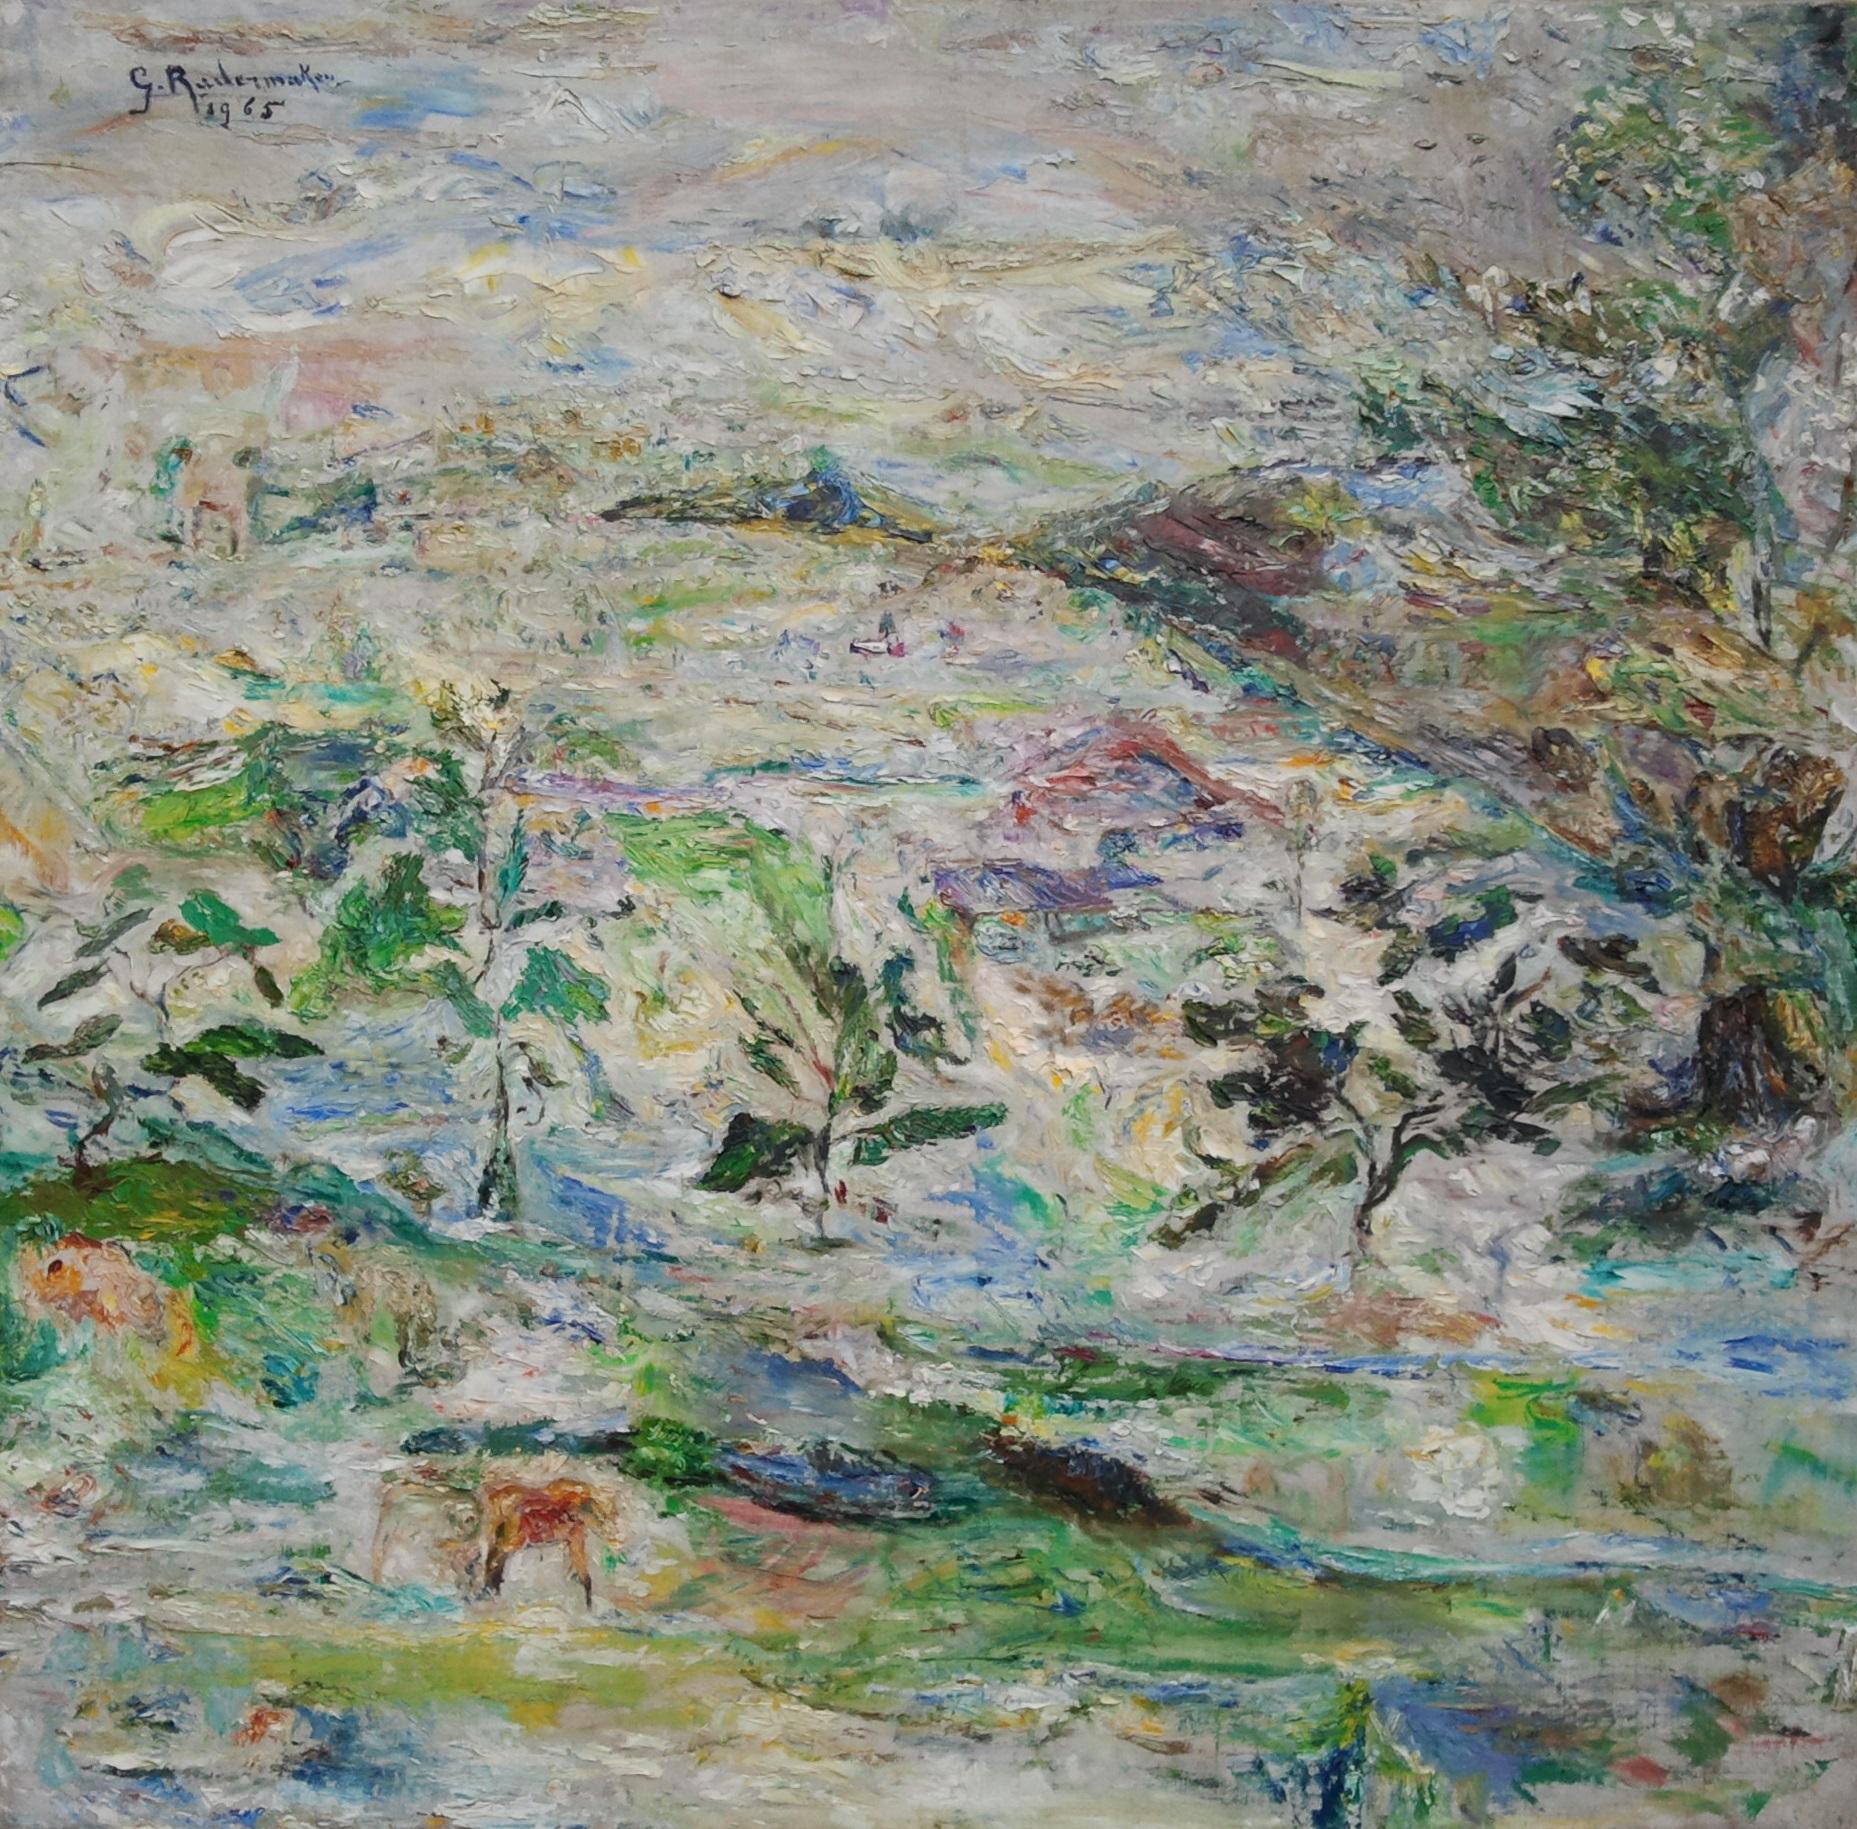 gilberte radermaker paysage asiatique